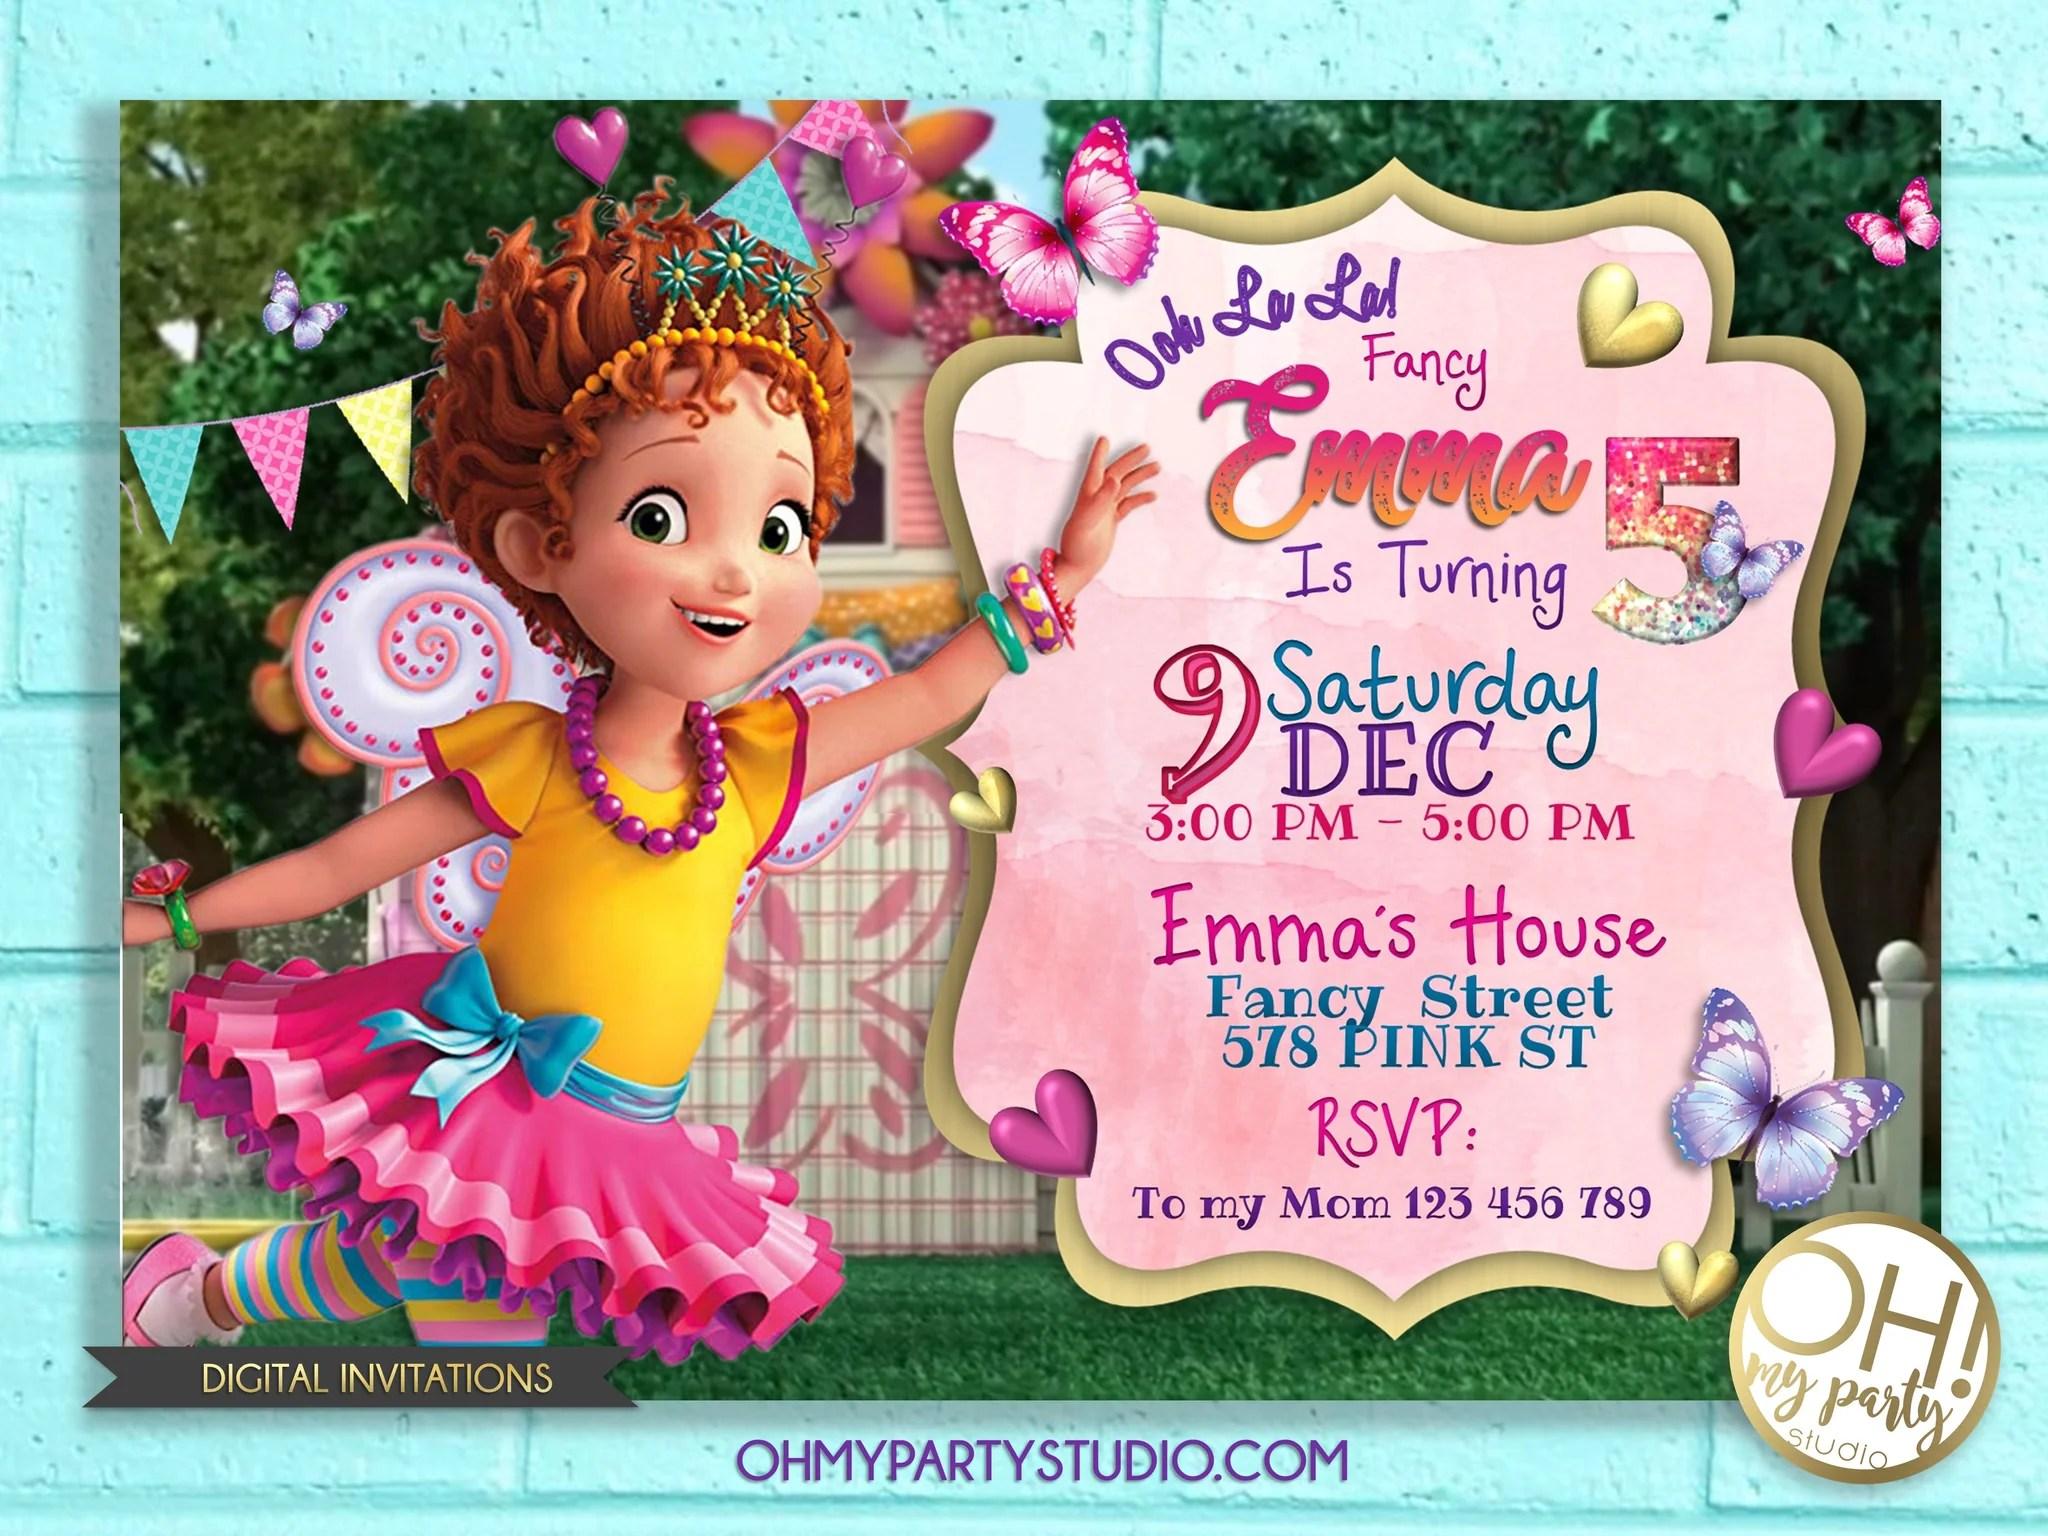 hight resolution of fancy nancy invitation fancy nancy invitations fancy nancy printables fancy nancy birthday party